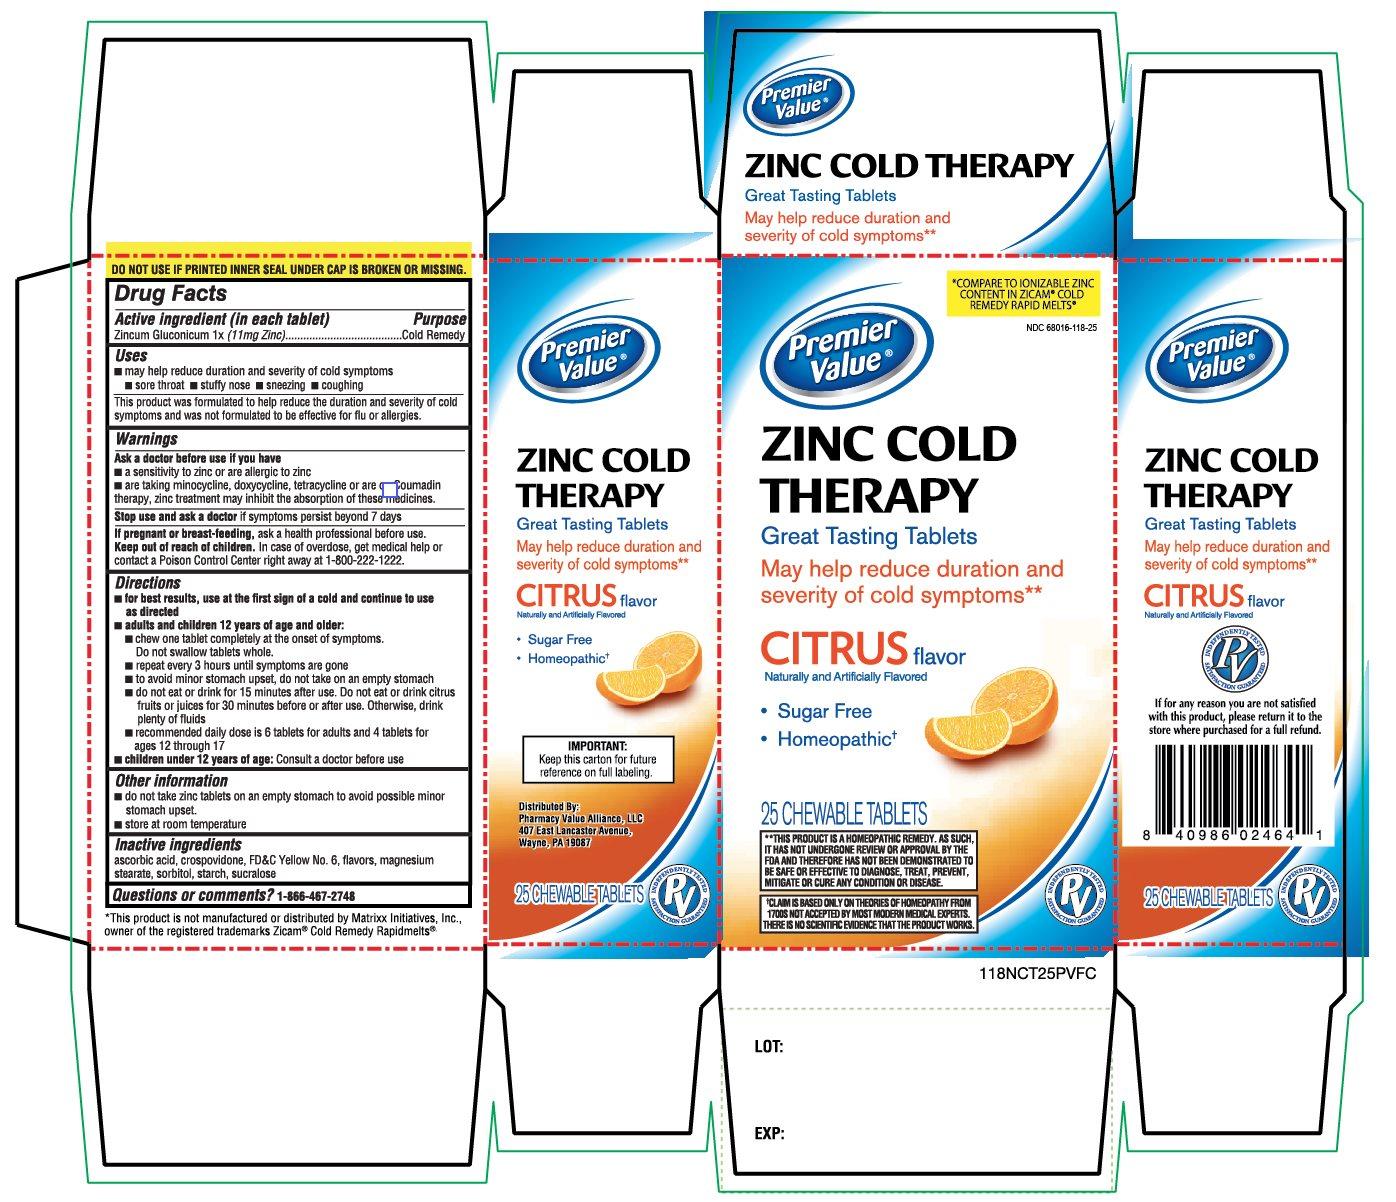 Premier Value Citrus Flavor 25 Chewable Tablets